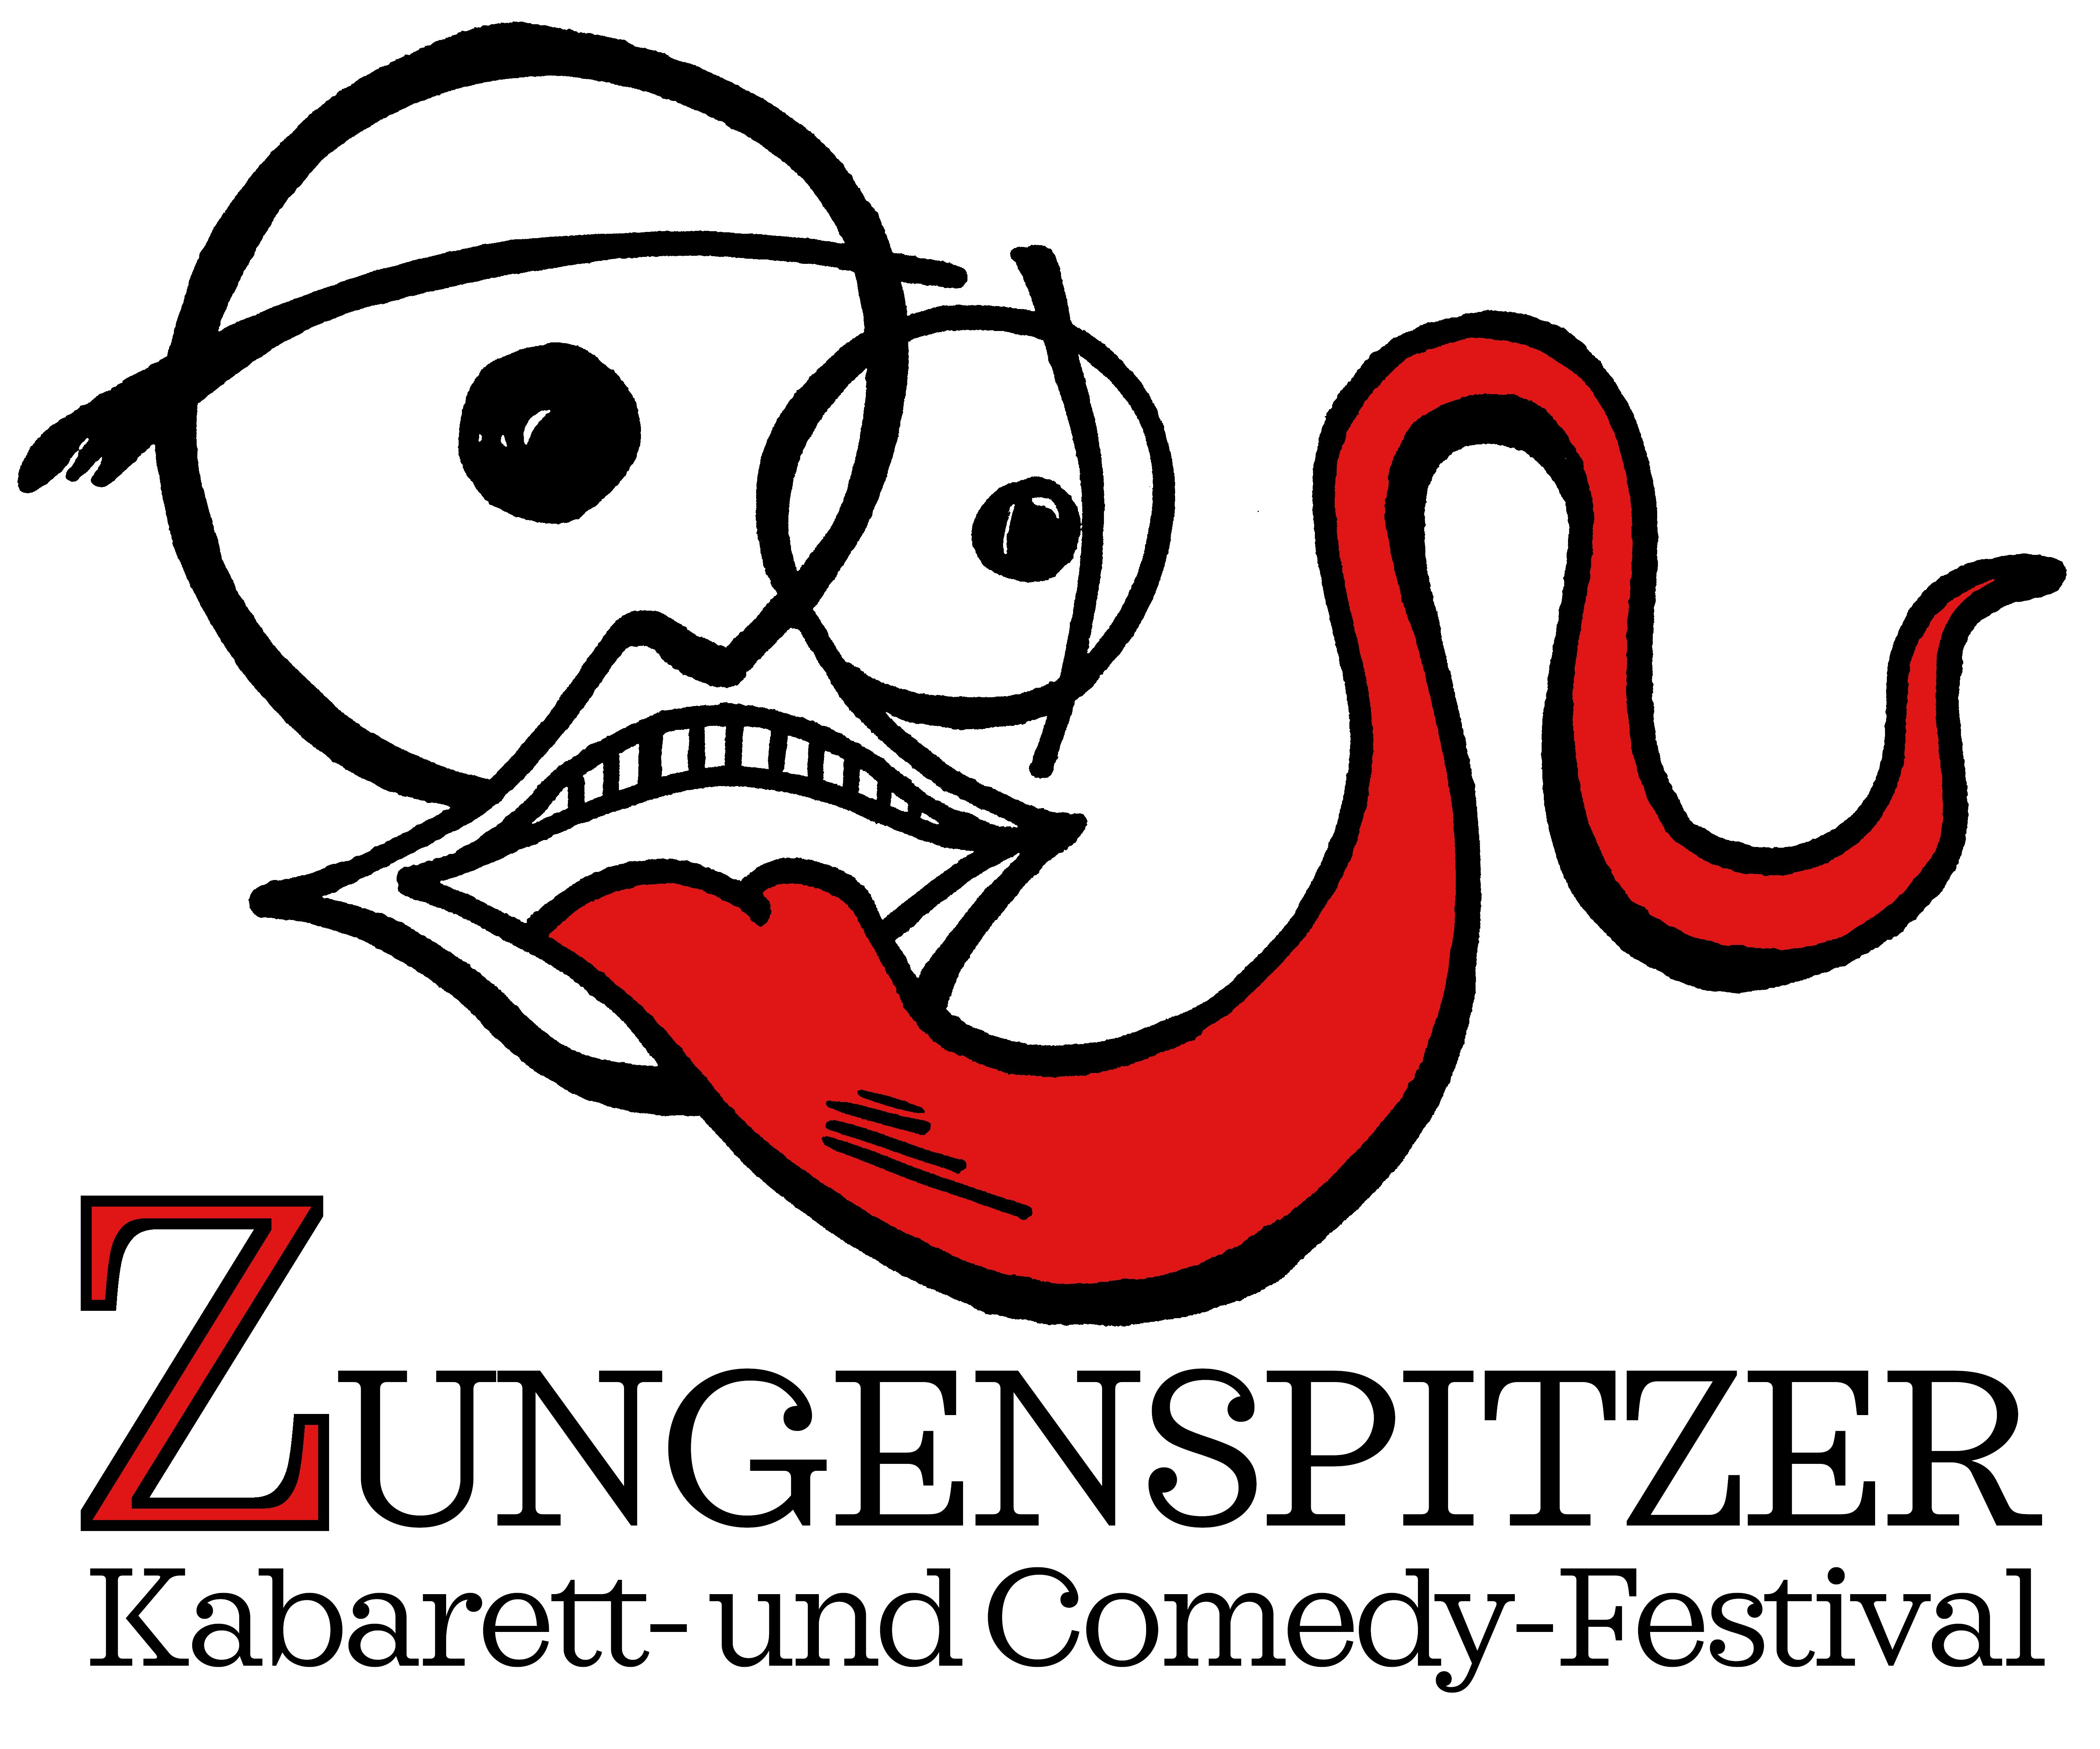 Zungenspitzer